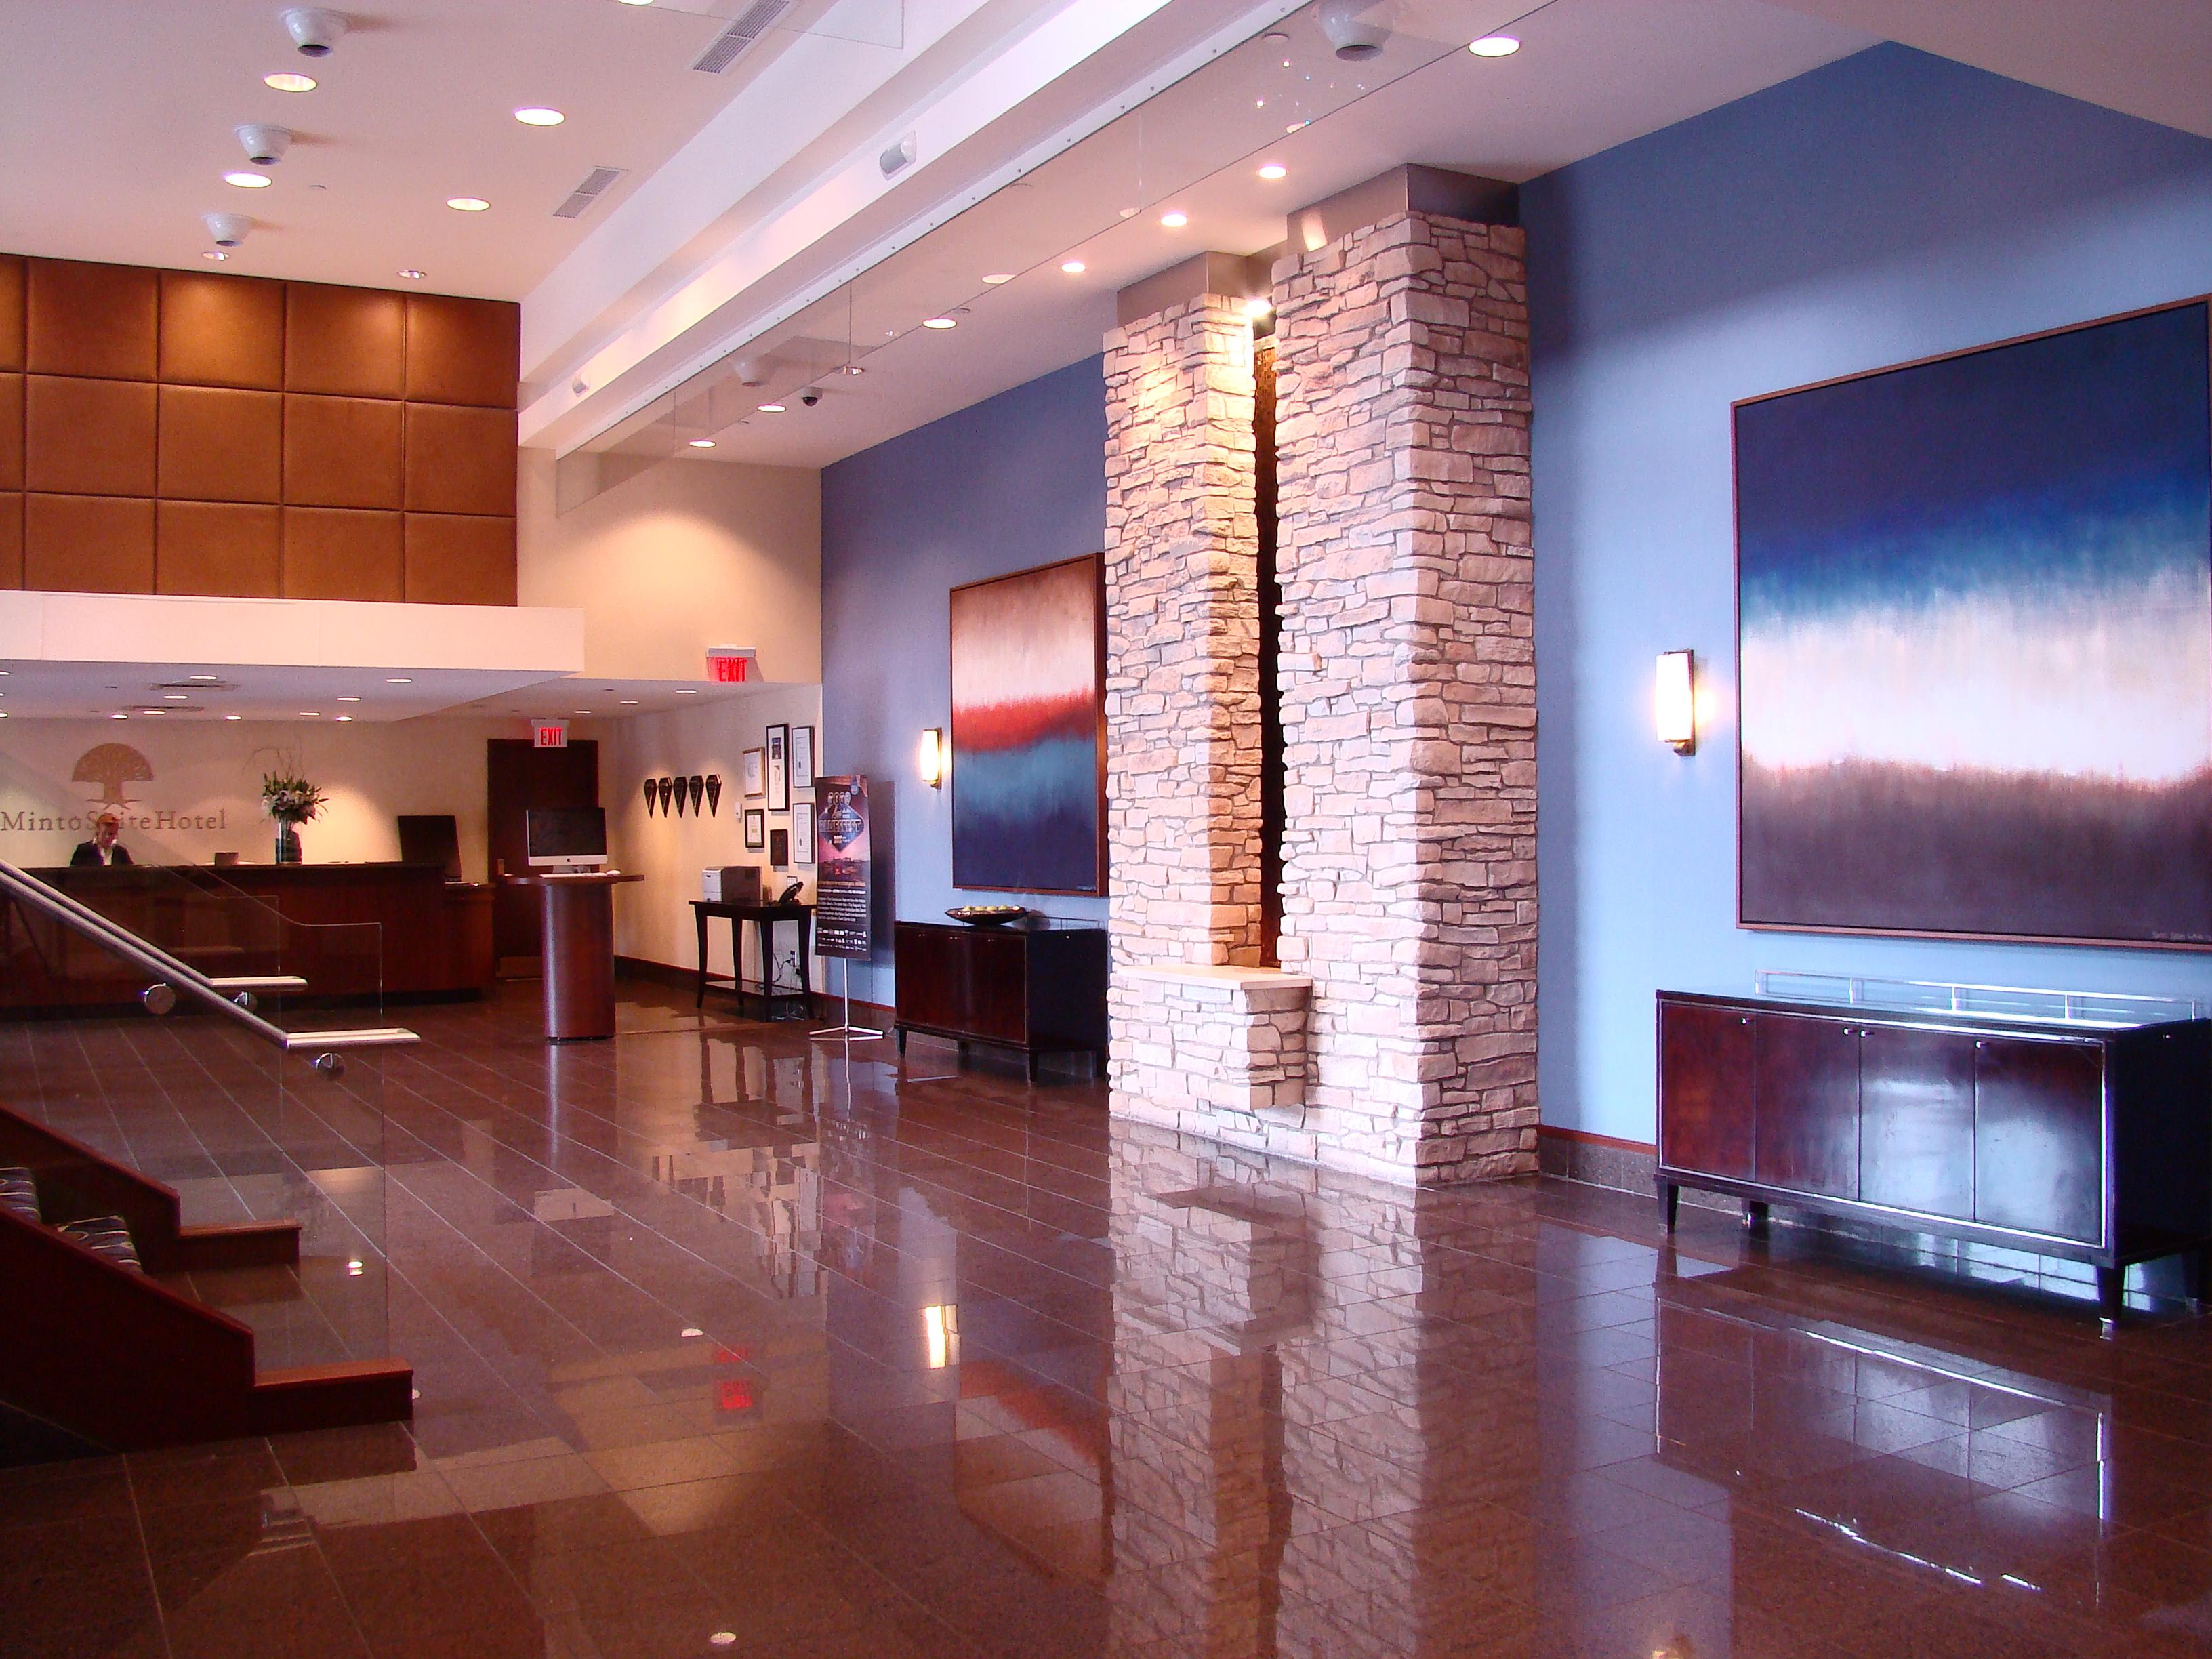 Minto Suites Hotel